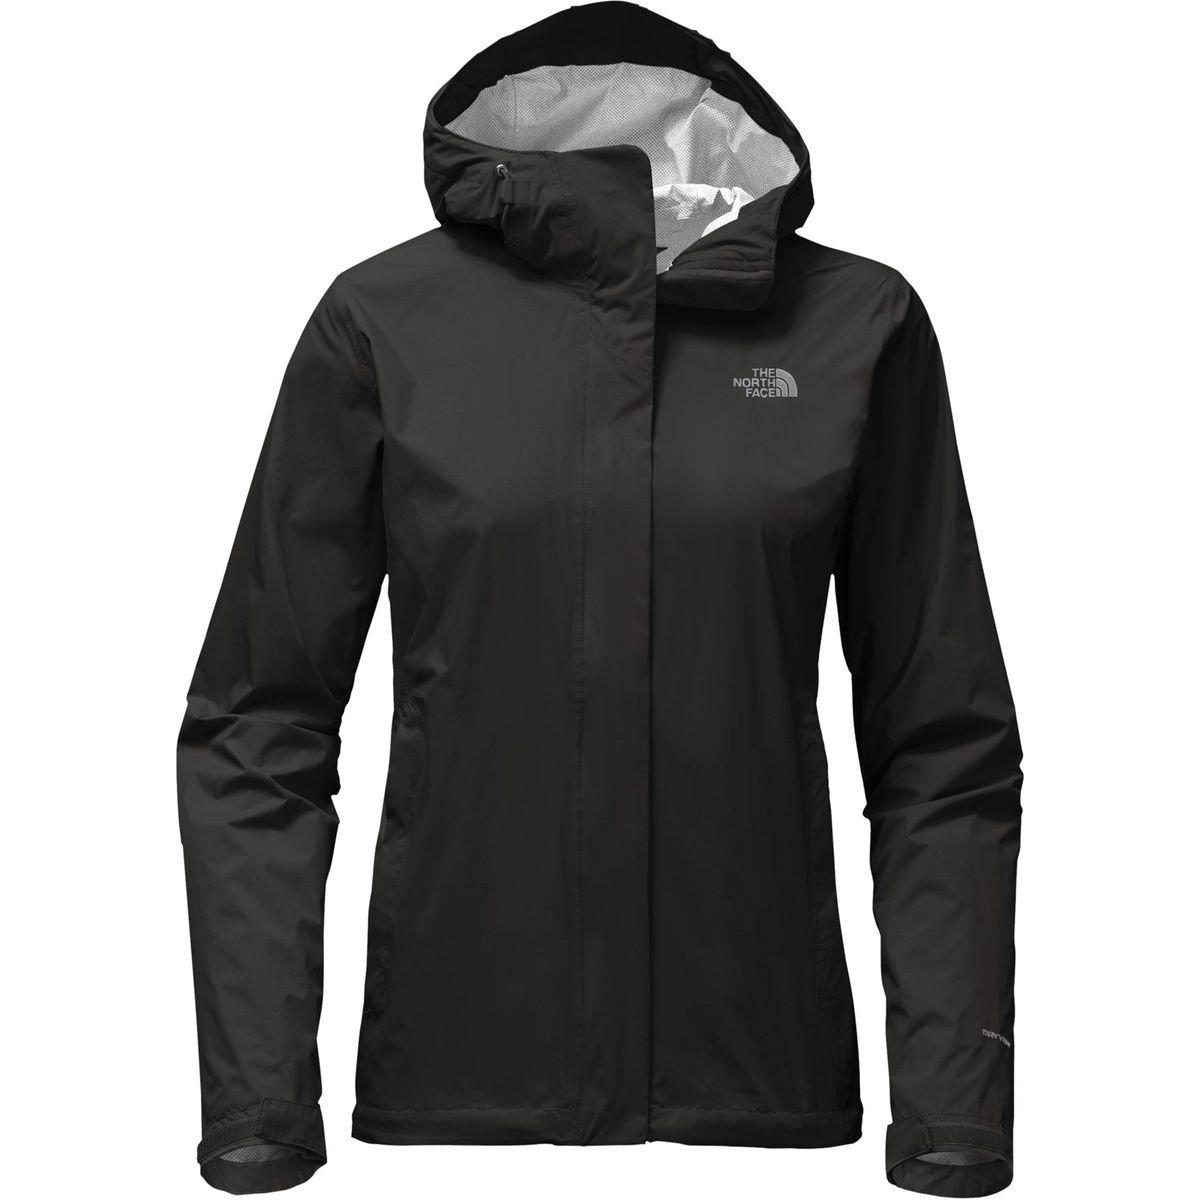 (ザノースフェイス) The North Face Venture 2 Jacket レディース ジャケットTnf Black [並行輸入品]   B07D9DCVB9